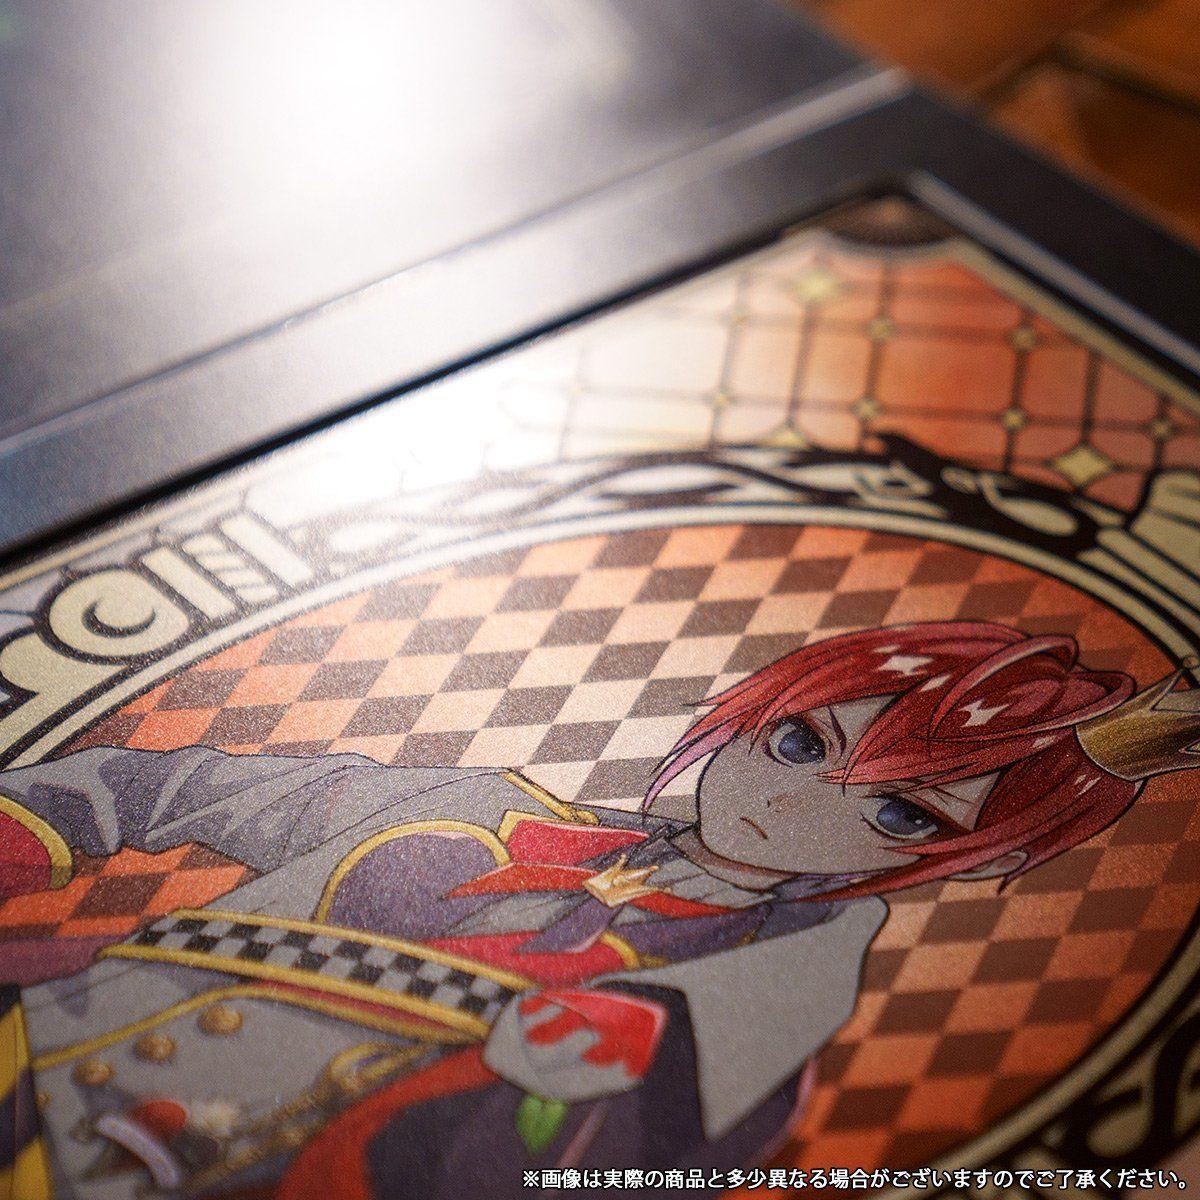 メタリックアートコレクション ディズニー ツイステッドワンダーランド【プレミアムバンダイ限定】_3